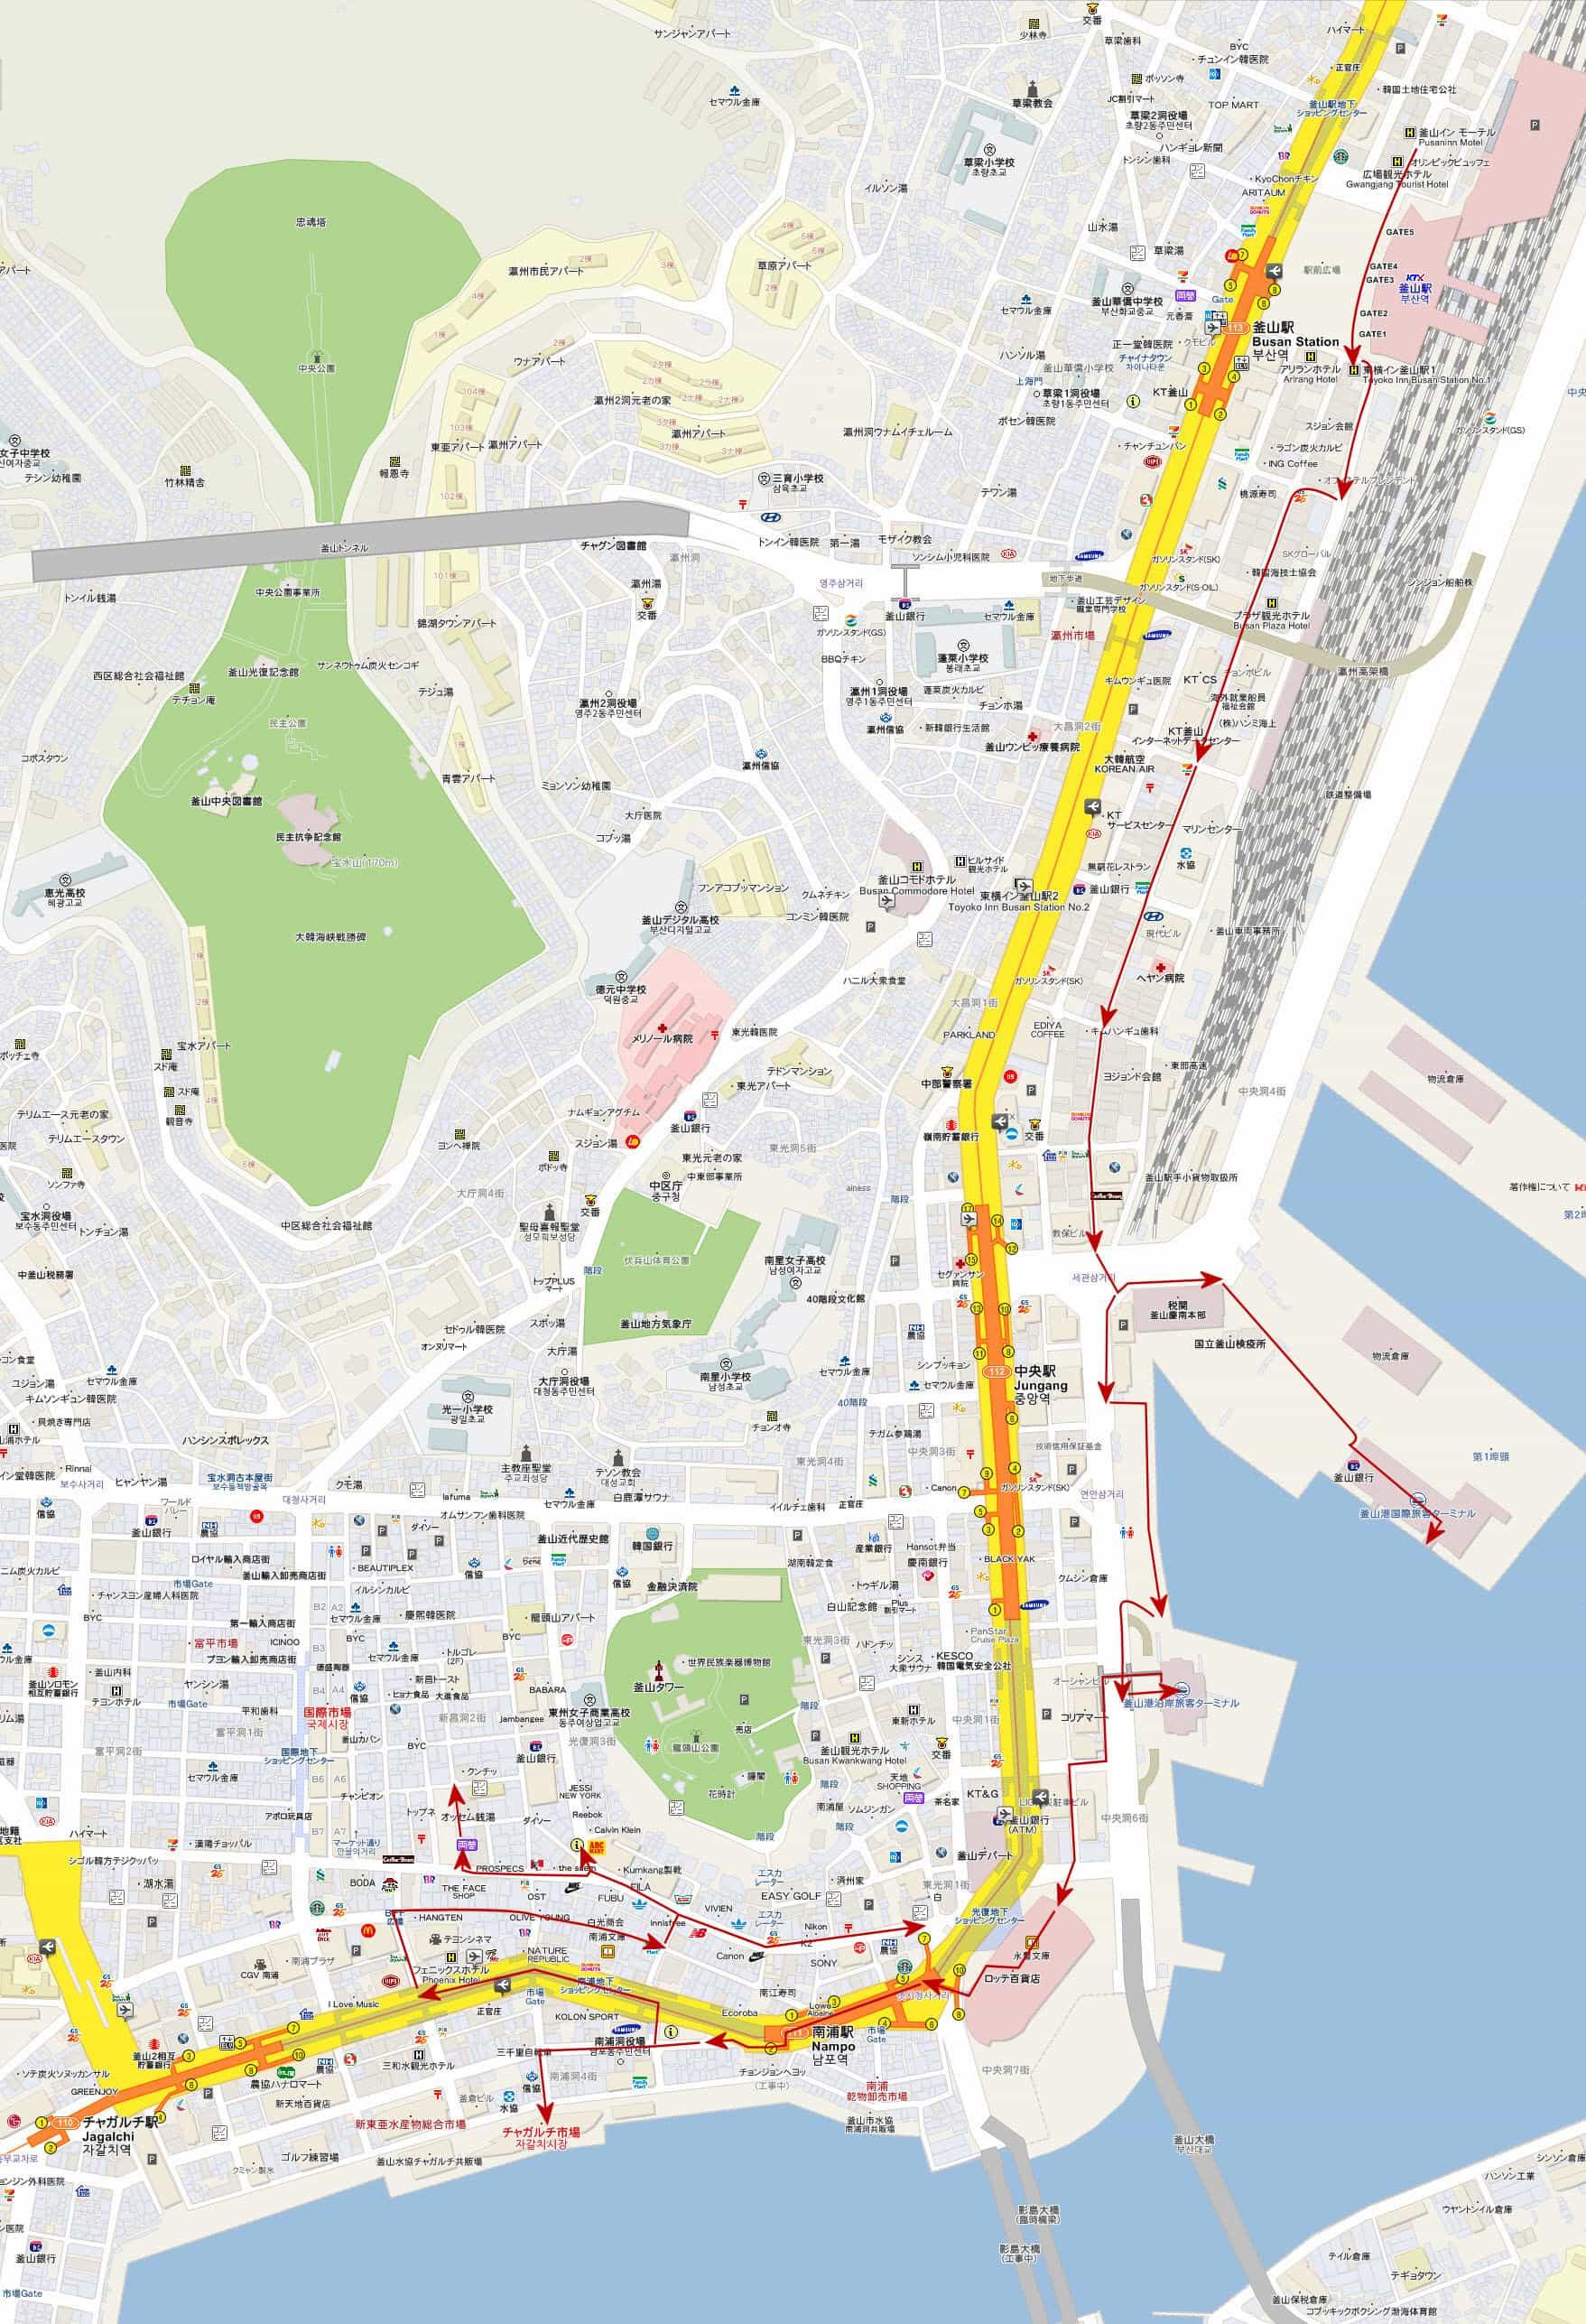 釜山驛步行往旅客碼頭、札嘎其市場、南浦洞路線圖